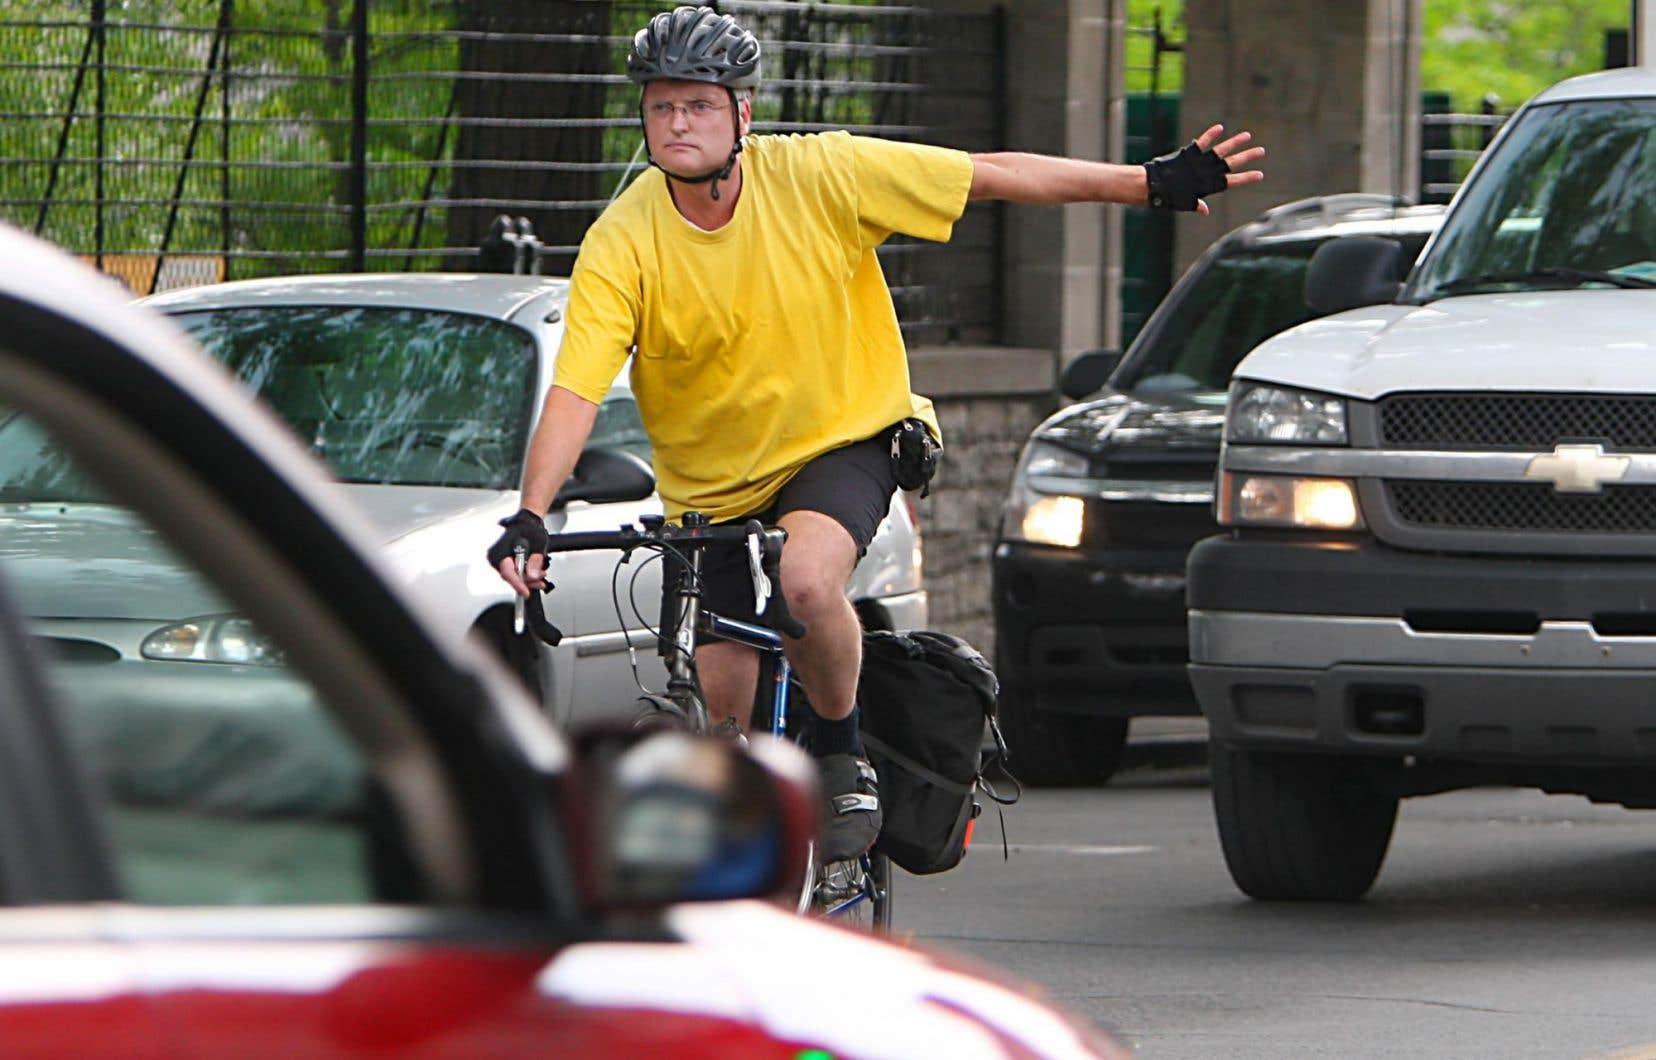 La modification apportée au Code de la sécurité routière introduit le principe d'une « distance raisonnable » pour tout dépassement et prévoit une amende plus salée pour les cas d'emportiérage.